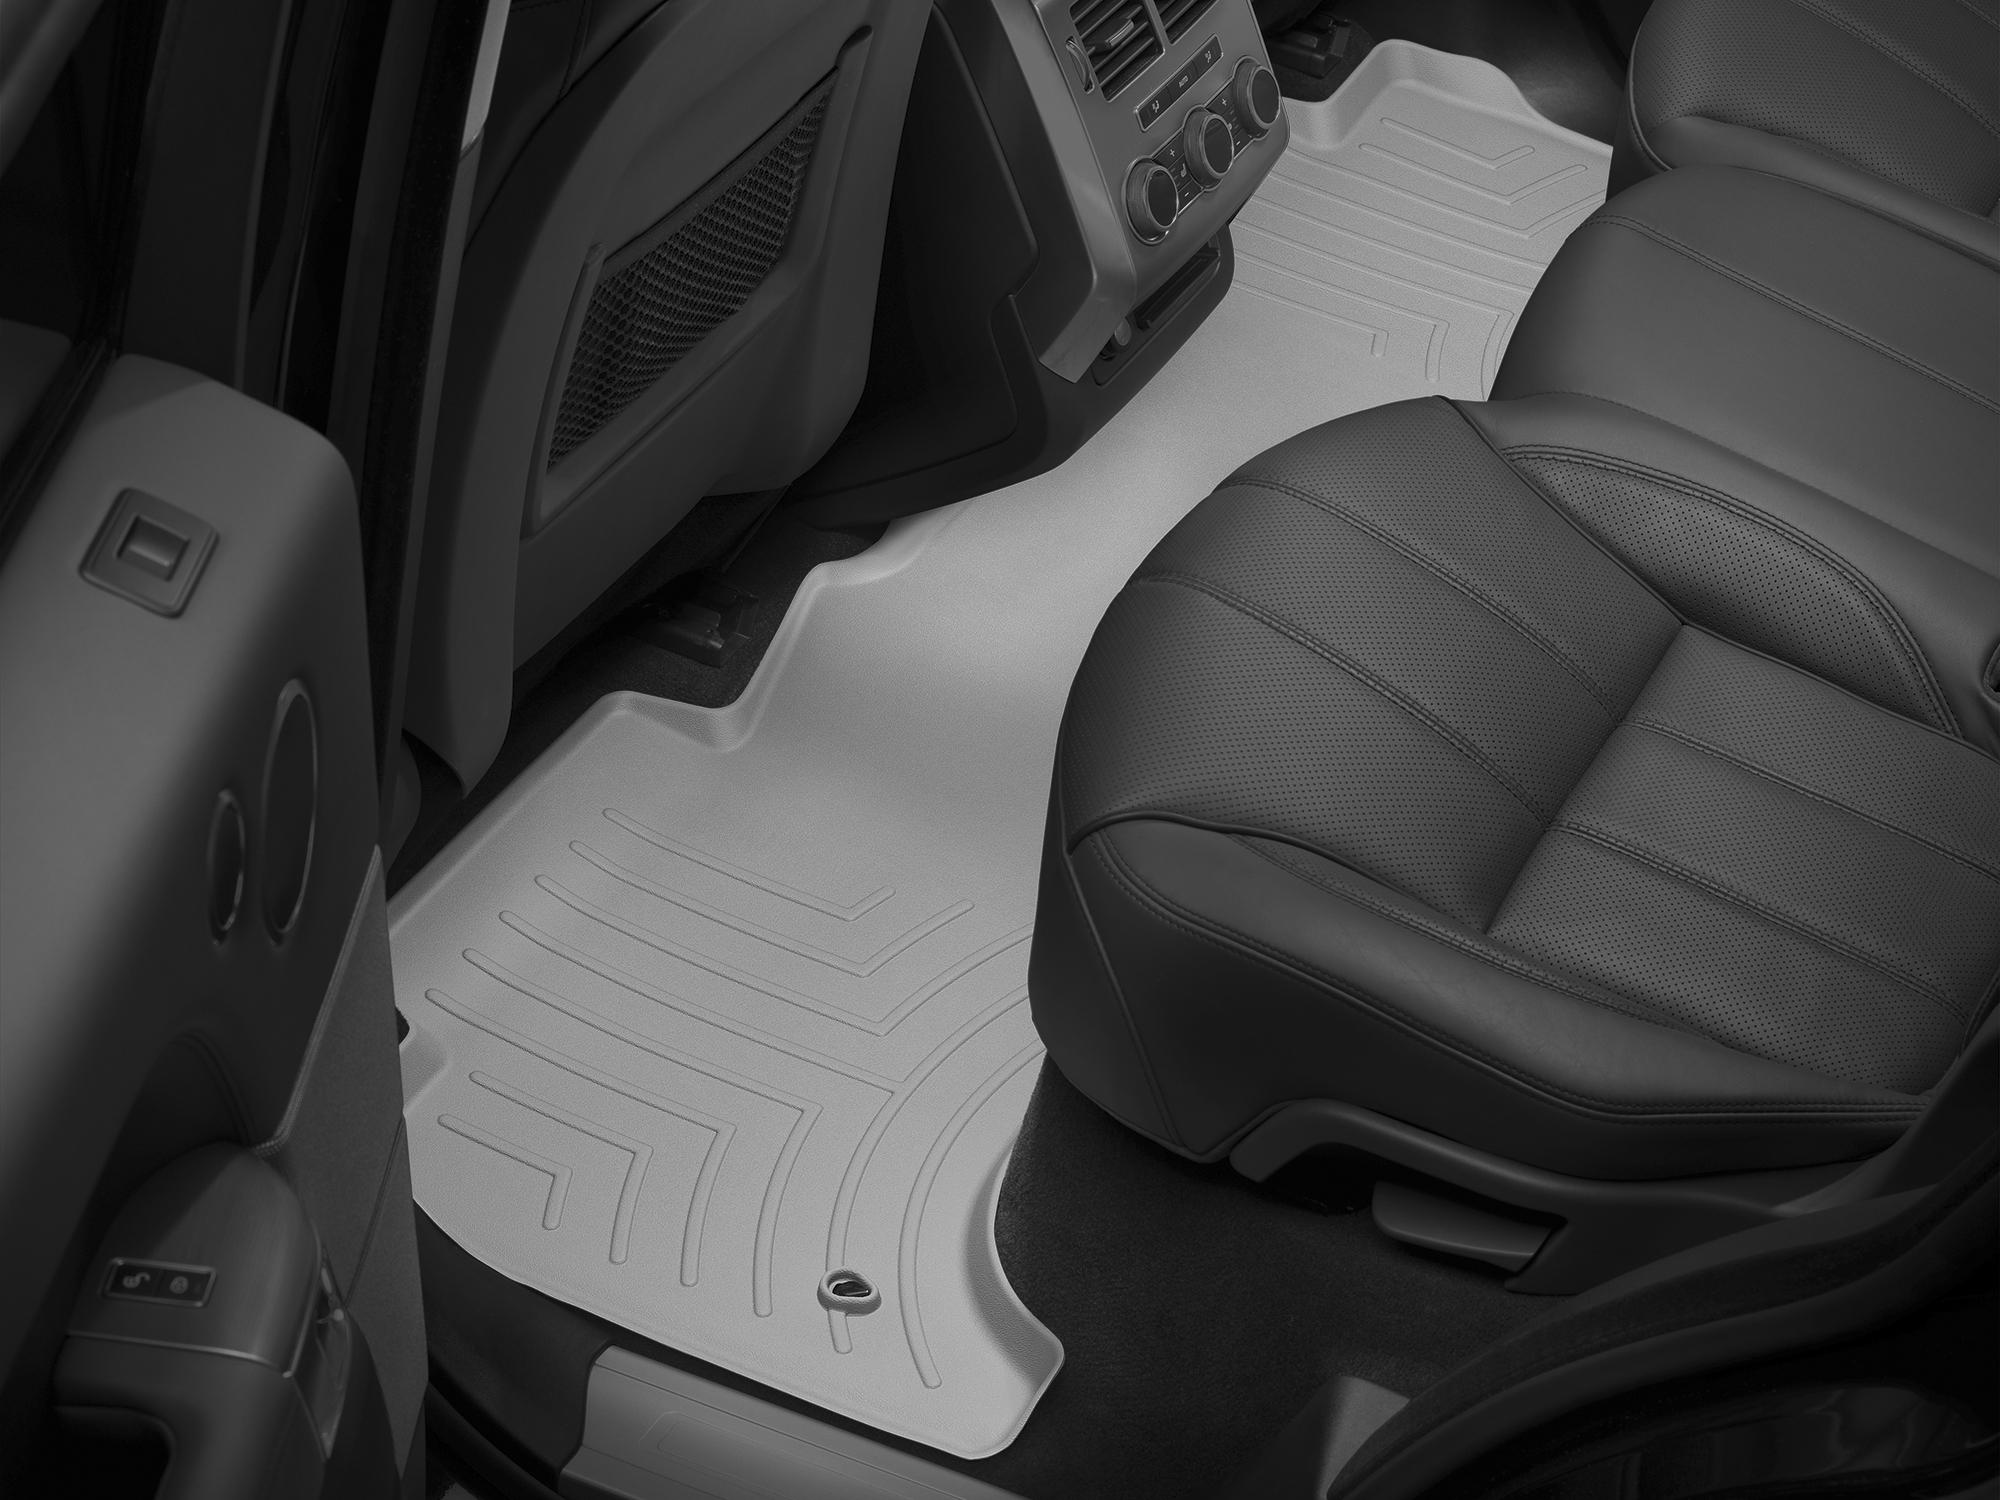 Tappeti gomma su misura bordo alto Land Rover 14>17 Grigio A1992*